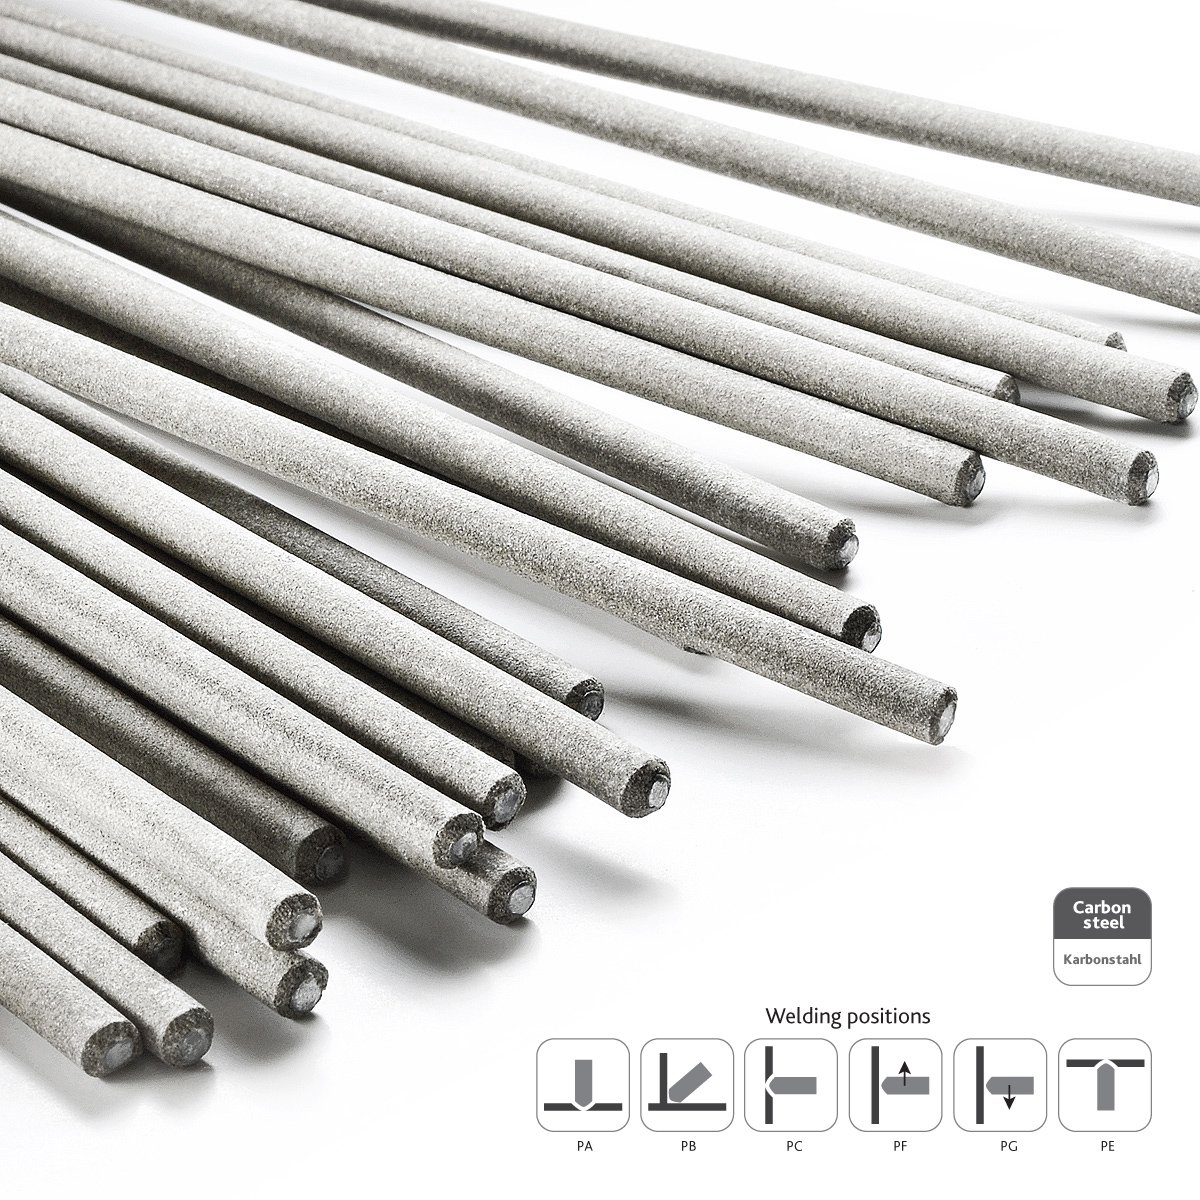 Rutile /à Baguette 3x35 mm Jeu de 35 Electrodes de Soudage 1kg STARK Electrode de Soudure Acier Universel